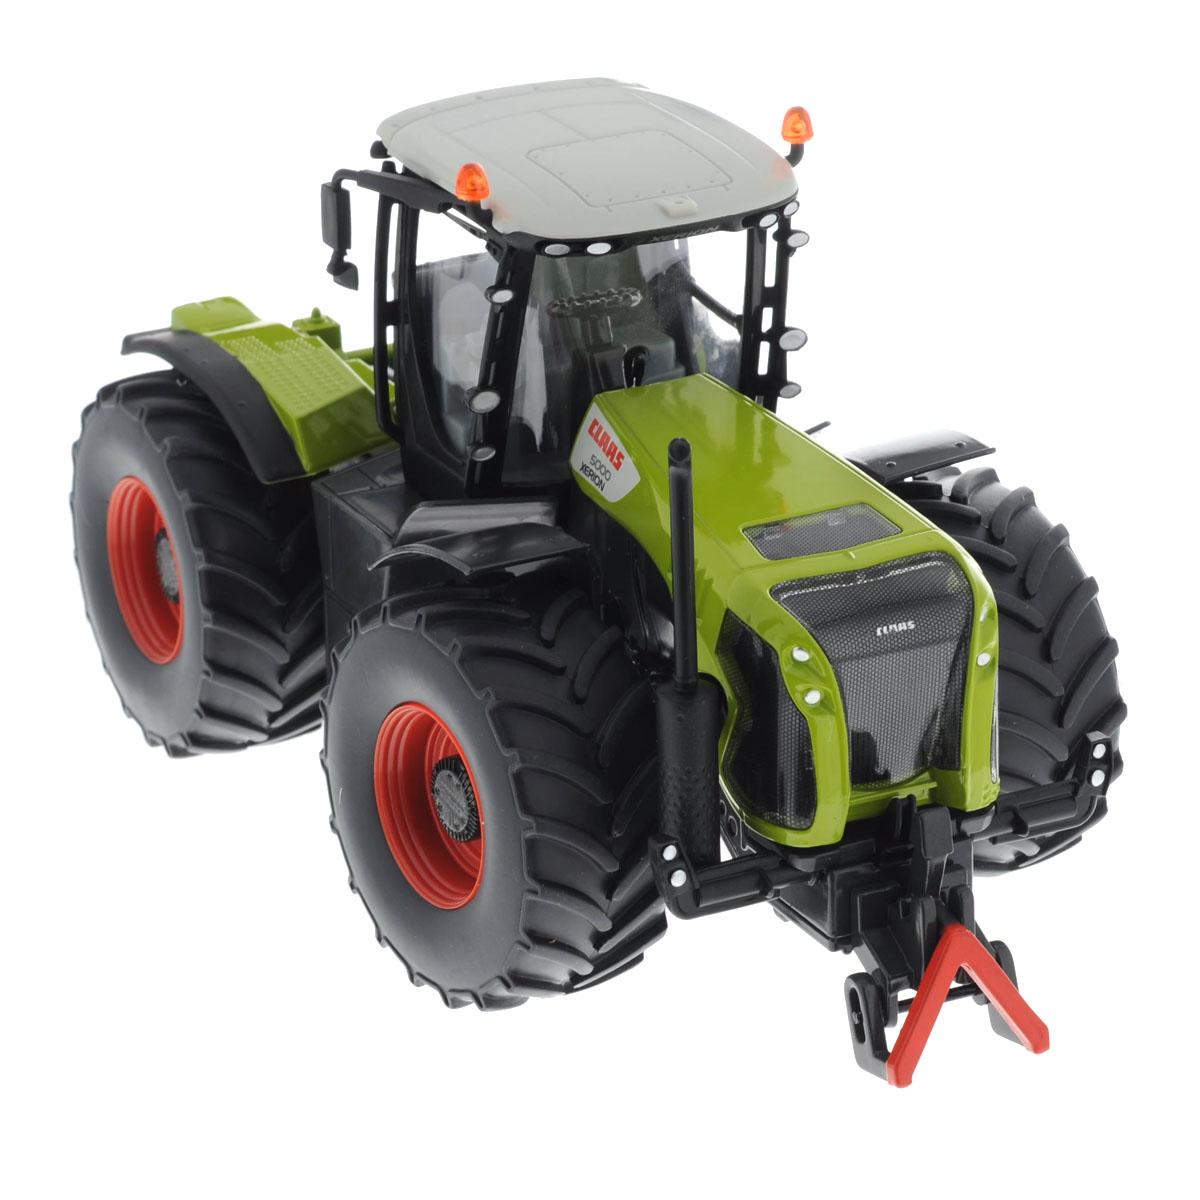 """Коллекционная модель Siku """"Трактор Claas Xerion 5000"""" выполнена в виде точной копии трактора в масштабе 1/32. Такая модель понравится не только ребенку, но и взрослому коллекционеру и приятно удивит вас высочайшим качеством исполнения. Корпус трактора выполнен из металла, кабина водителя и стекла в ней - из пластика, колеса прорезинены. Кабина трактора съемная, что расширяет простор для игр. Трактор оборудован сцепным устройством совместимым с прицепами Siku Farmer масштаба 1:32. Колесики модели вращаются. Коллекционная модель отличается великолепным качеством исполнения и детальной проработкой, она станет не только интересной игрушкой для ребенка, интересующегося агротехникой, но и займет достойное место в любой коллекции."""